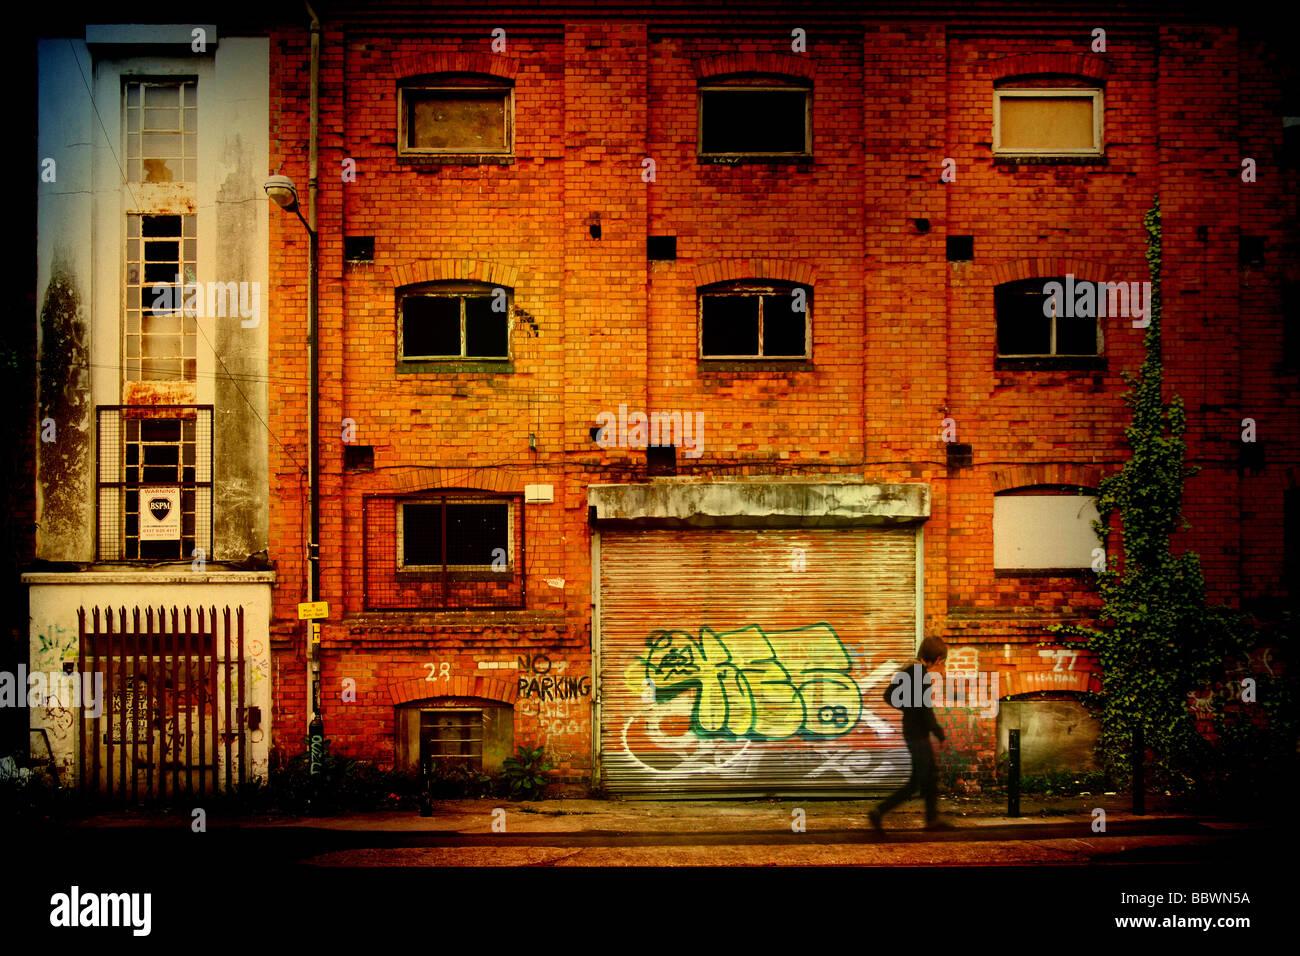 städtischen Leben auf der Straße Stockbild